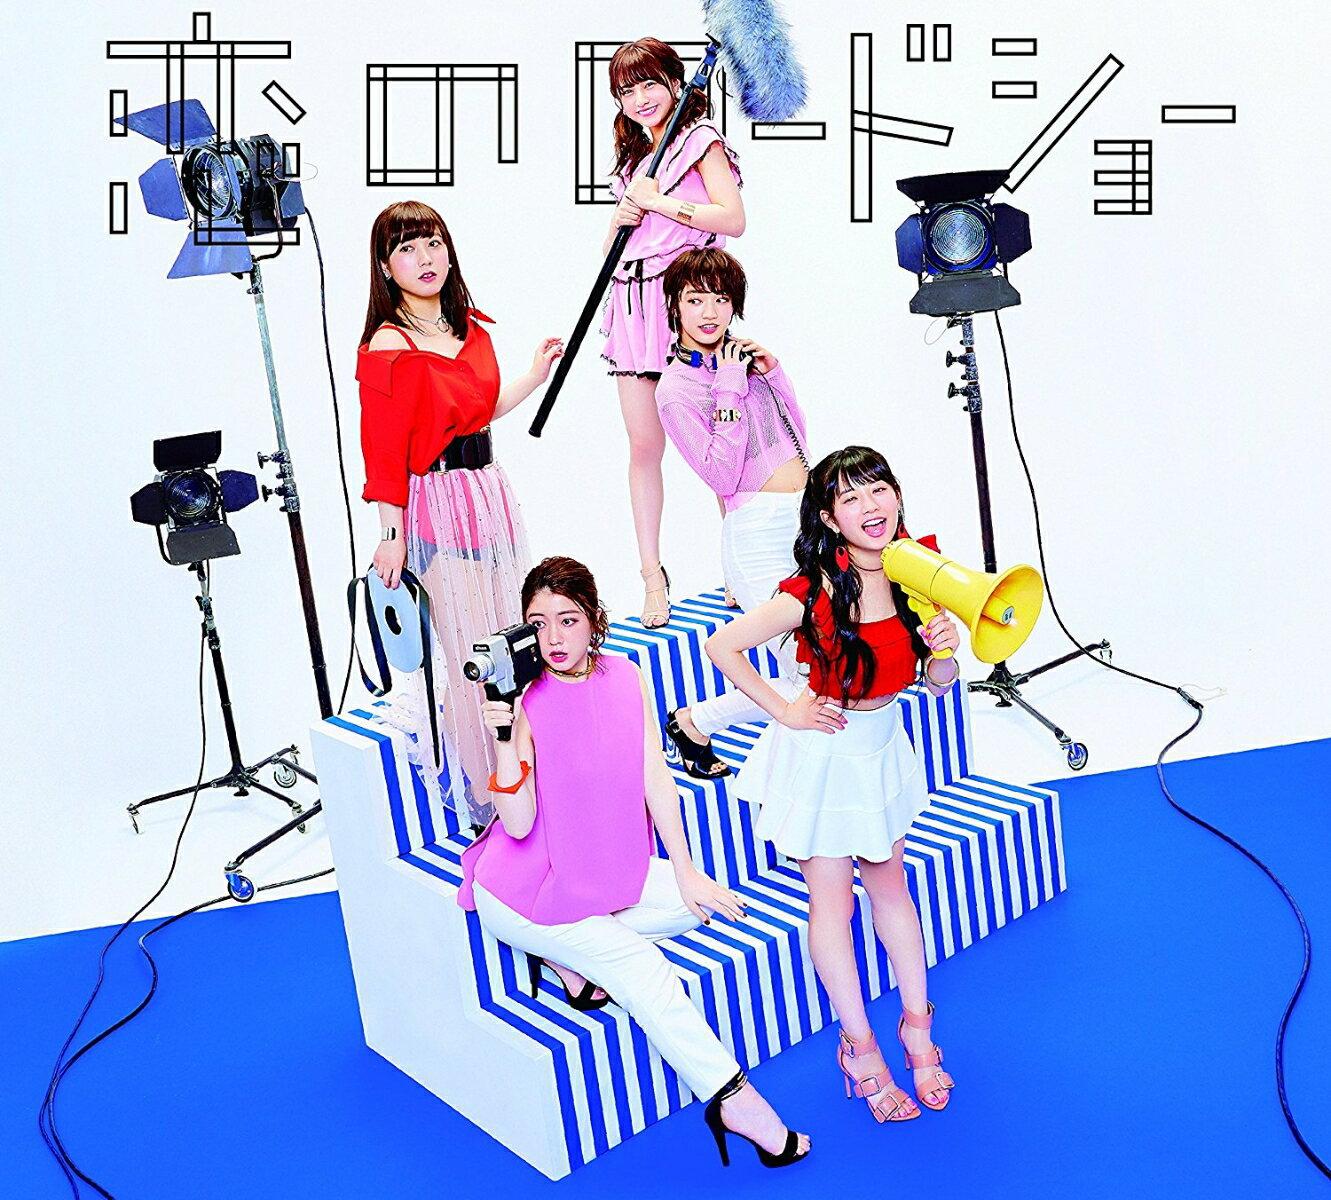 恋のロードショー (初回生産限定 CD+VR盤) (シリアル+ビューアー付) [ フェアリーズ ]